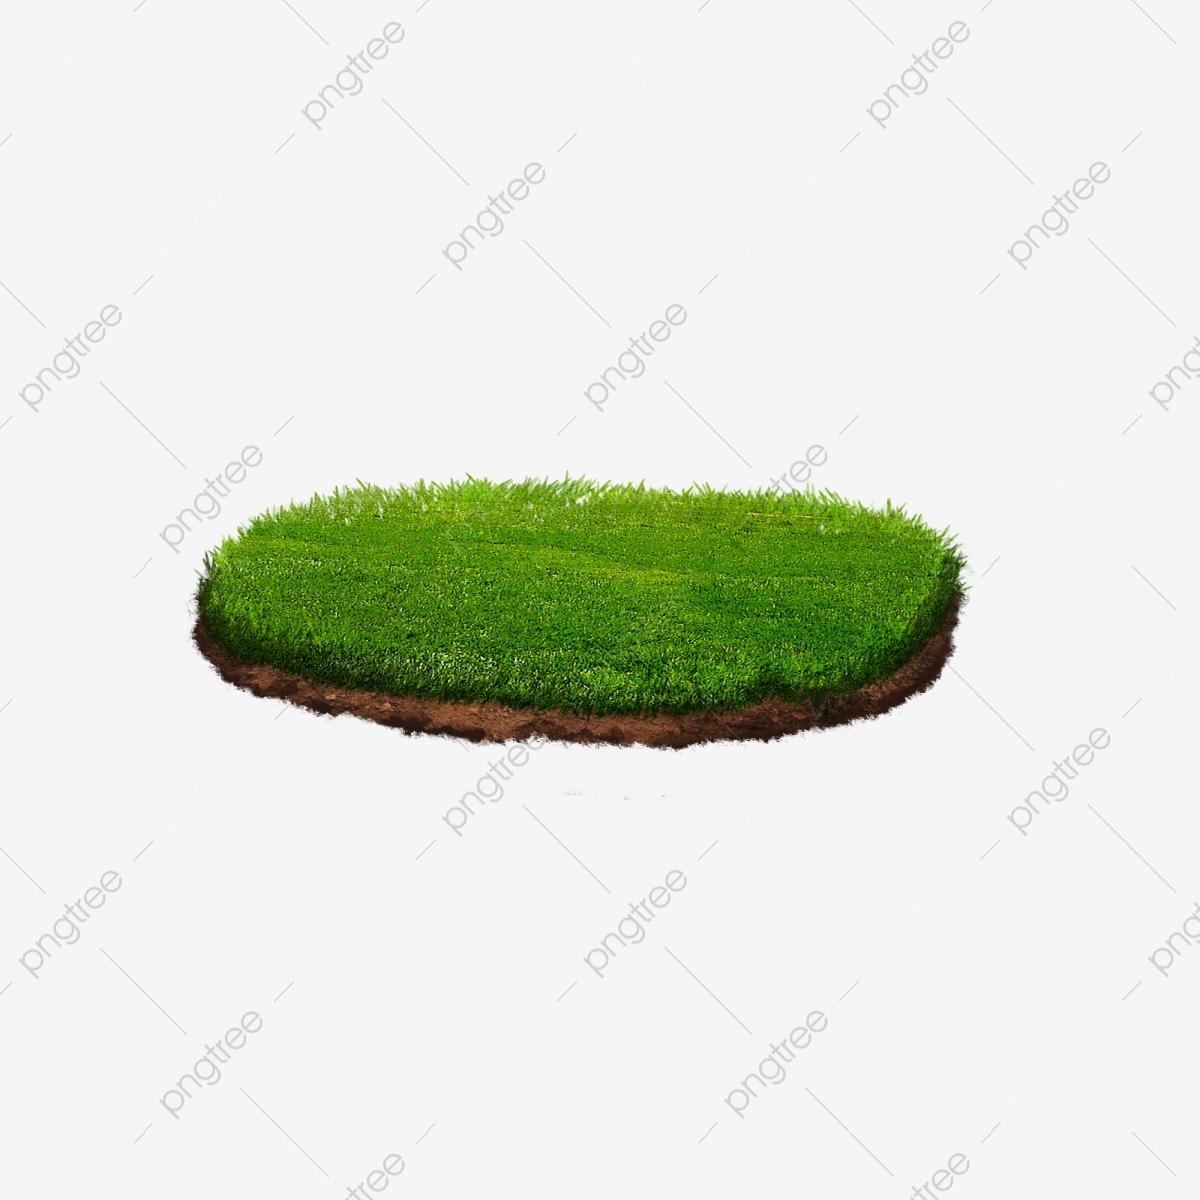 Grass Cross Section Of The Land, Grass Clipart, Cross.